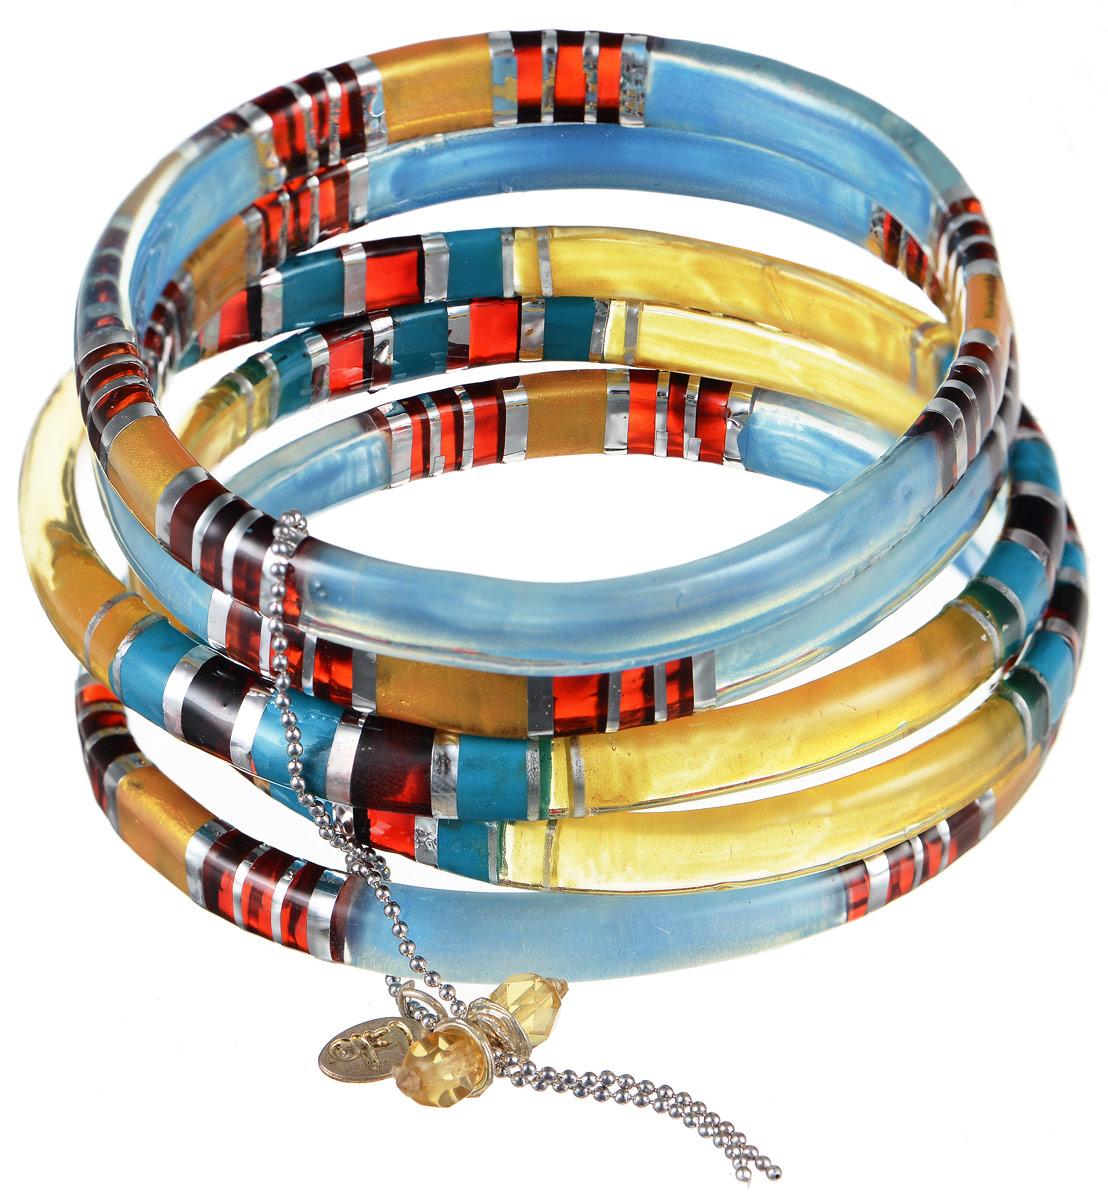 Браслет Lalo Treasures Row, цвет: голубой, желтый, красный. Bn2505Bn2505Яркое комбинированное украшение Lalo Treasures Row включает пять браслетов, изготовленных из ювелирной смолы. Стильное украшение поможет дополнить любой образ и привнести в него завершающий яркий штрих.